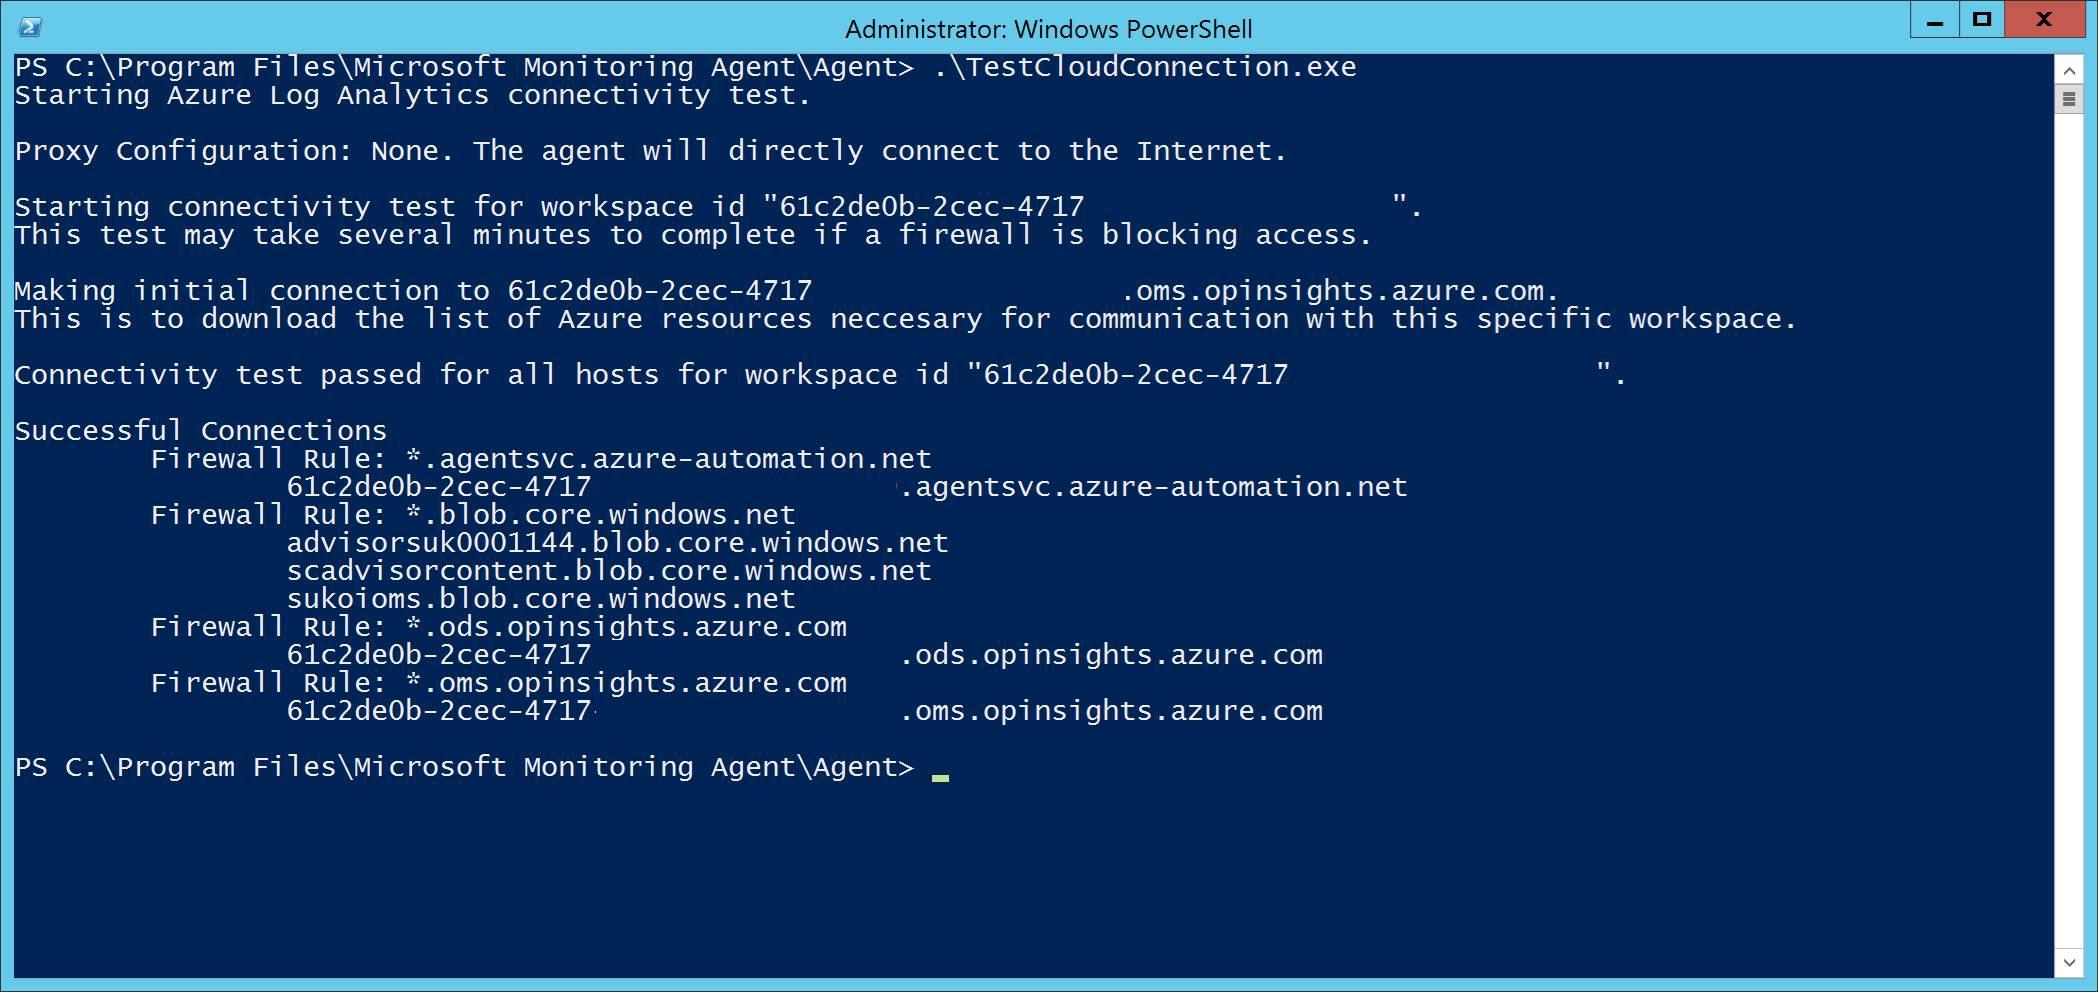 Изображение администратора в Windows PowerShell